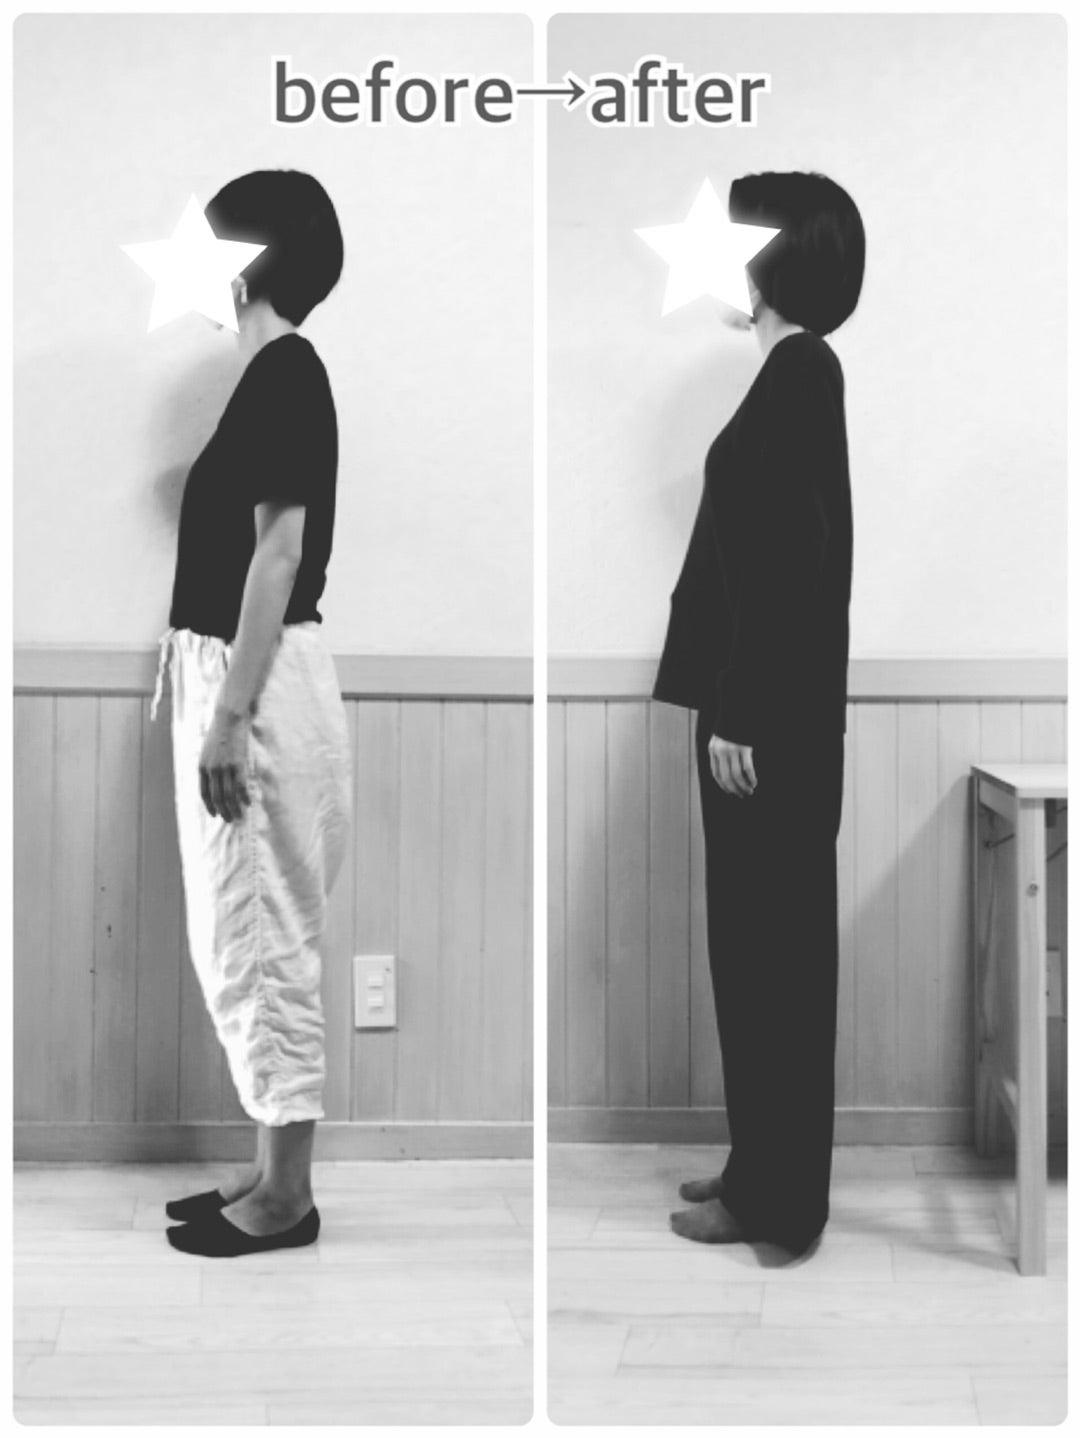 産後骨盤矯正6回を終えて☆before→after☆腰痛改善